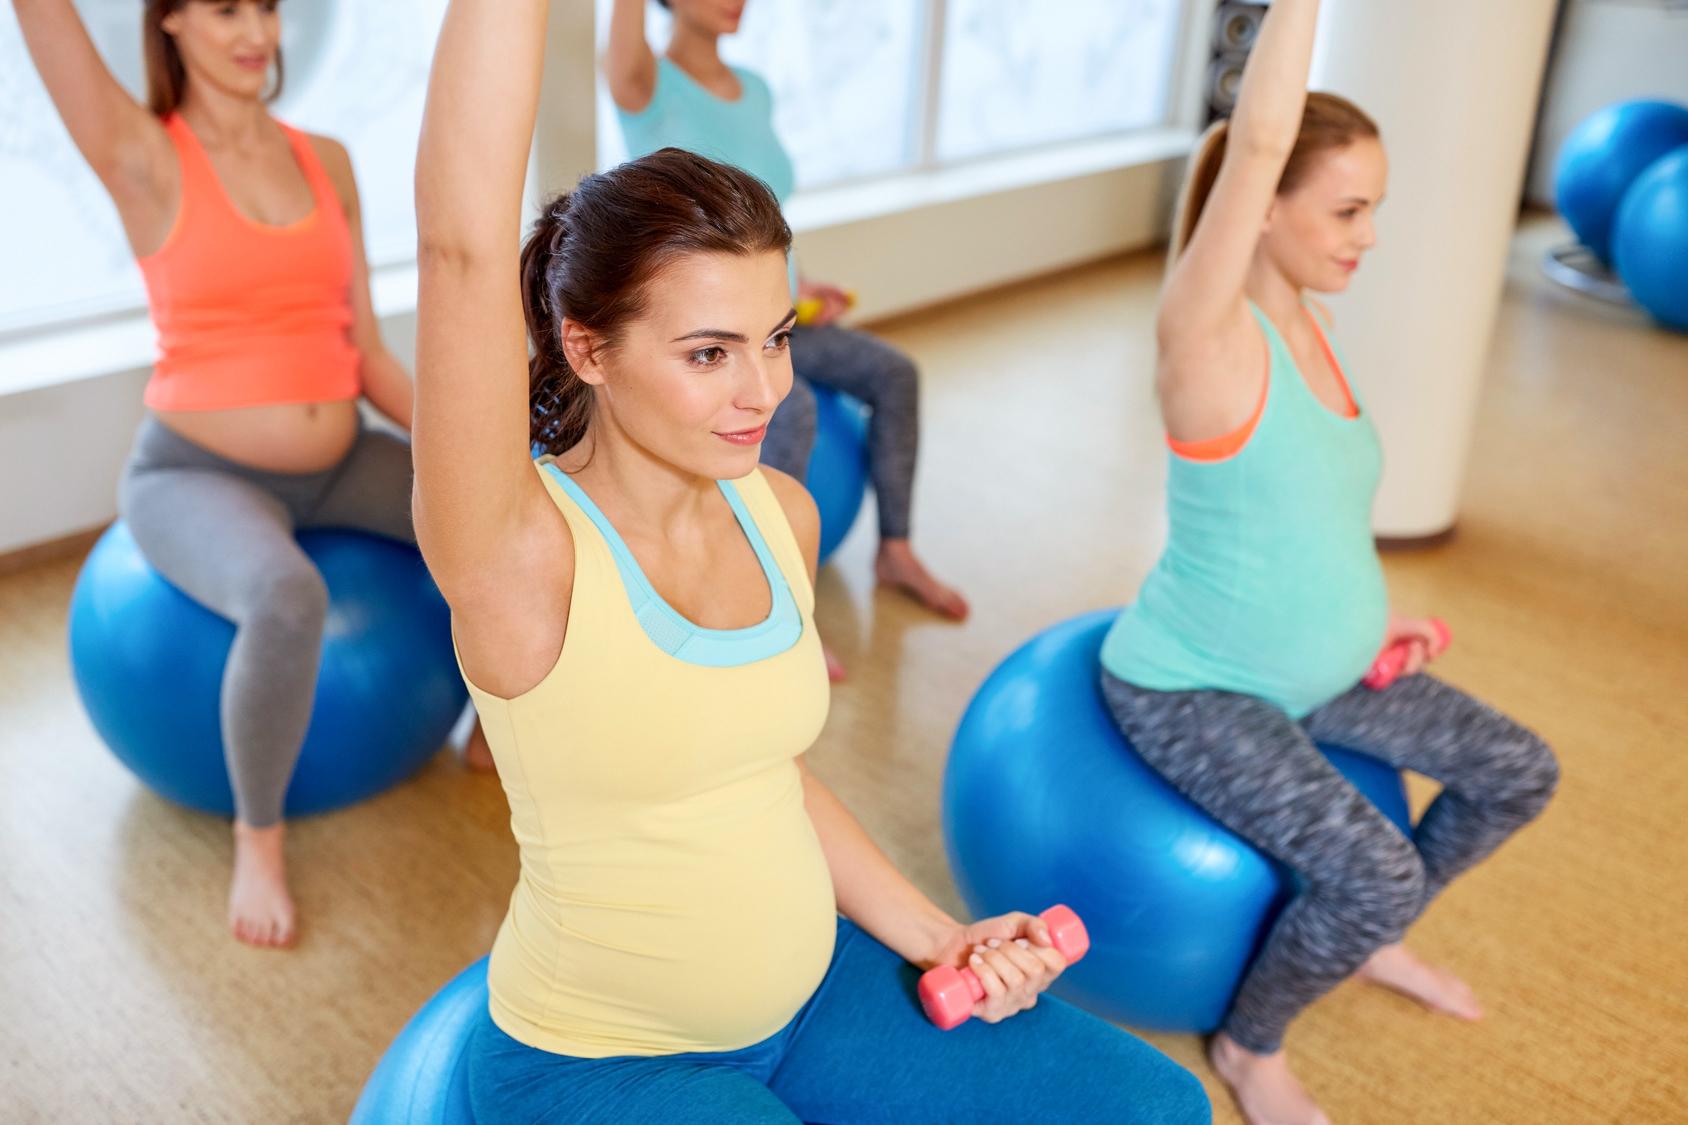 Aktywność fizyczna w ciąży. Co wolno, a z czego należy zrezygnować?